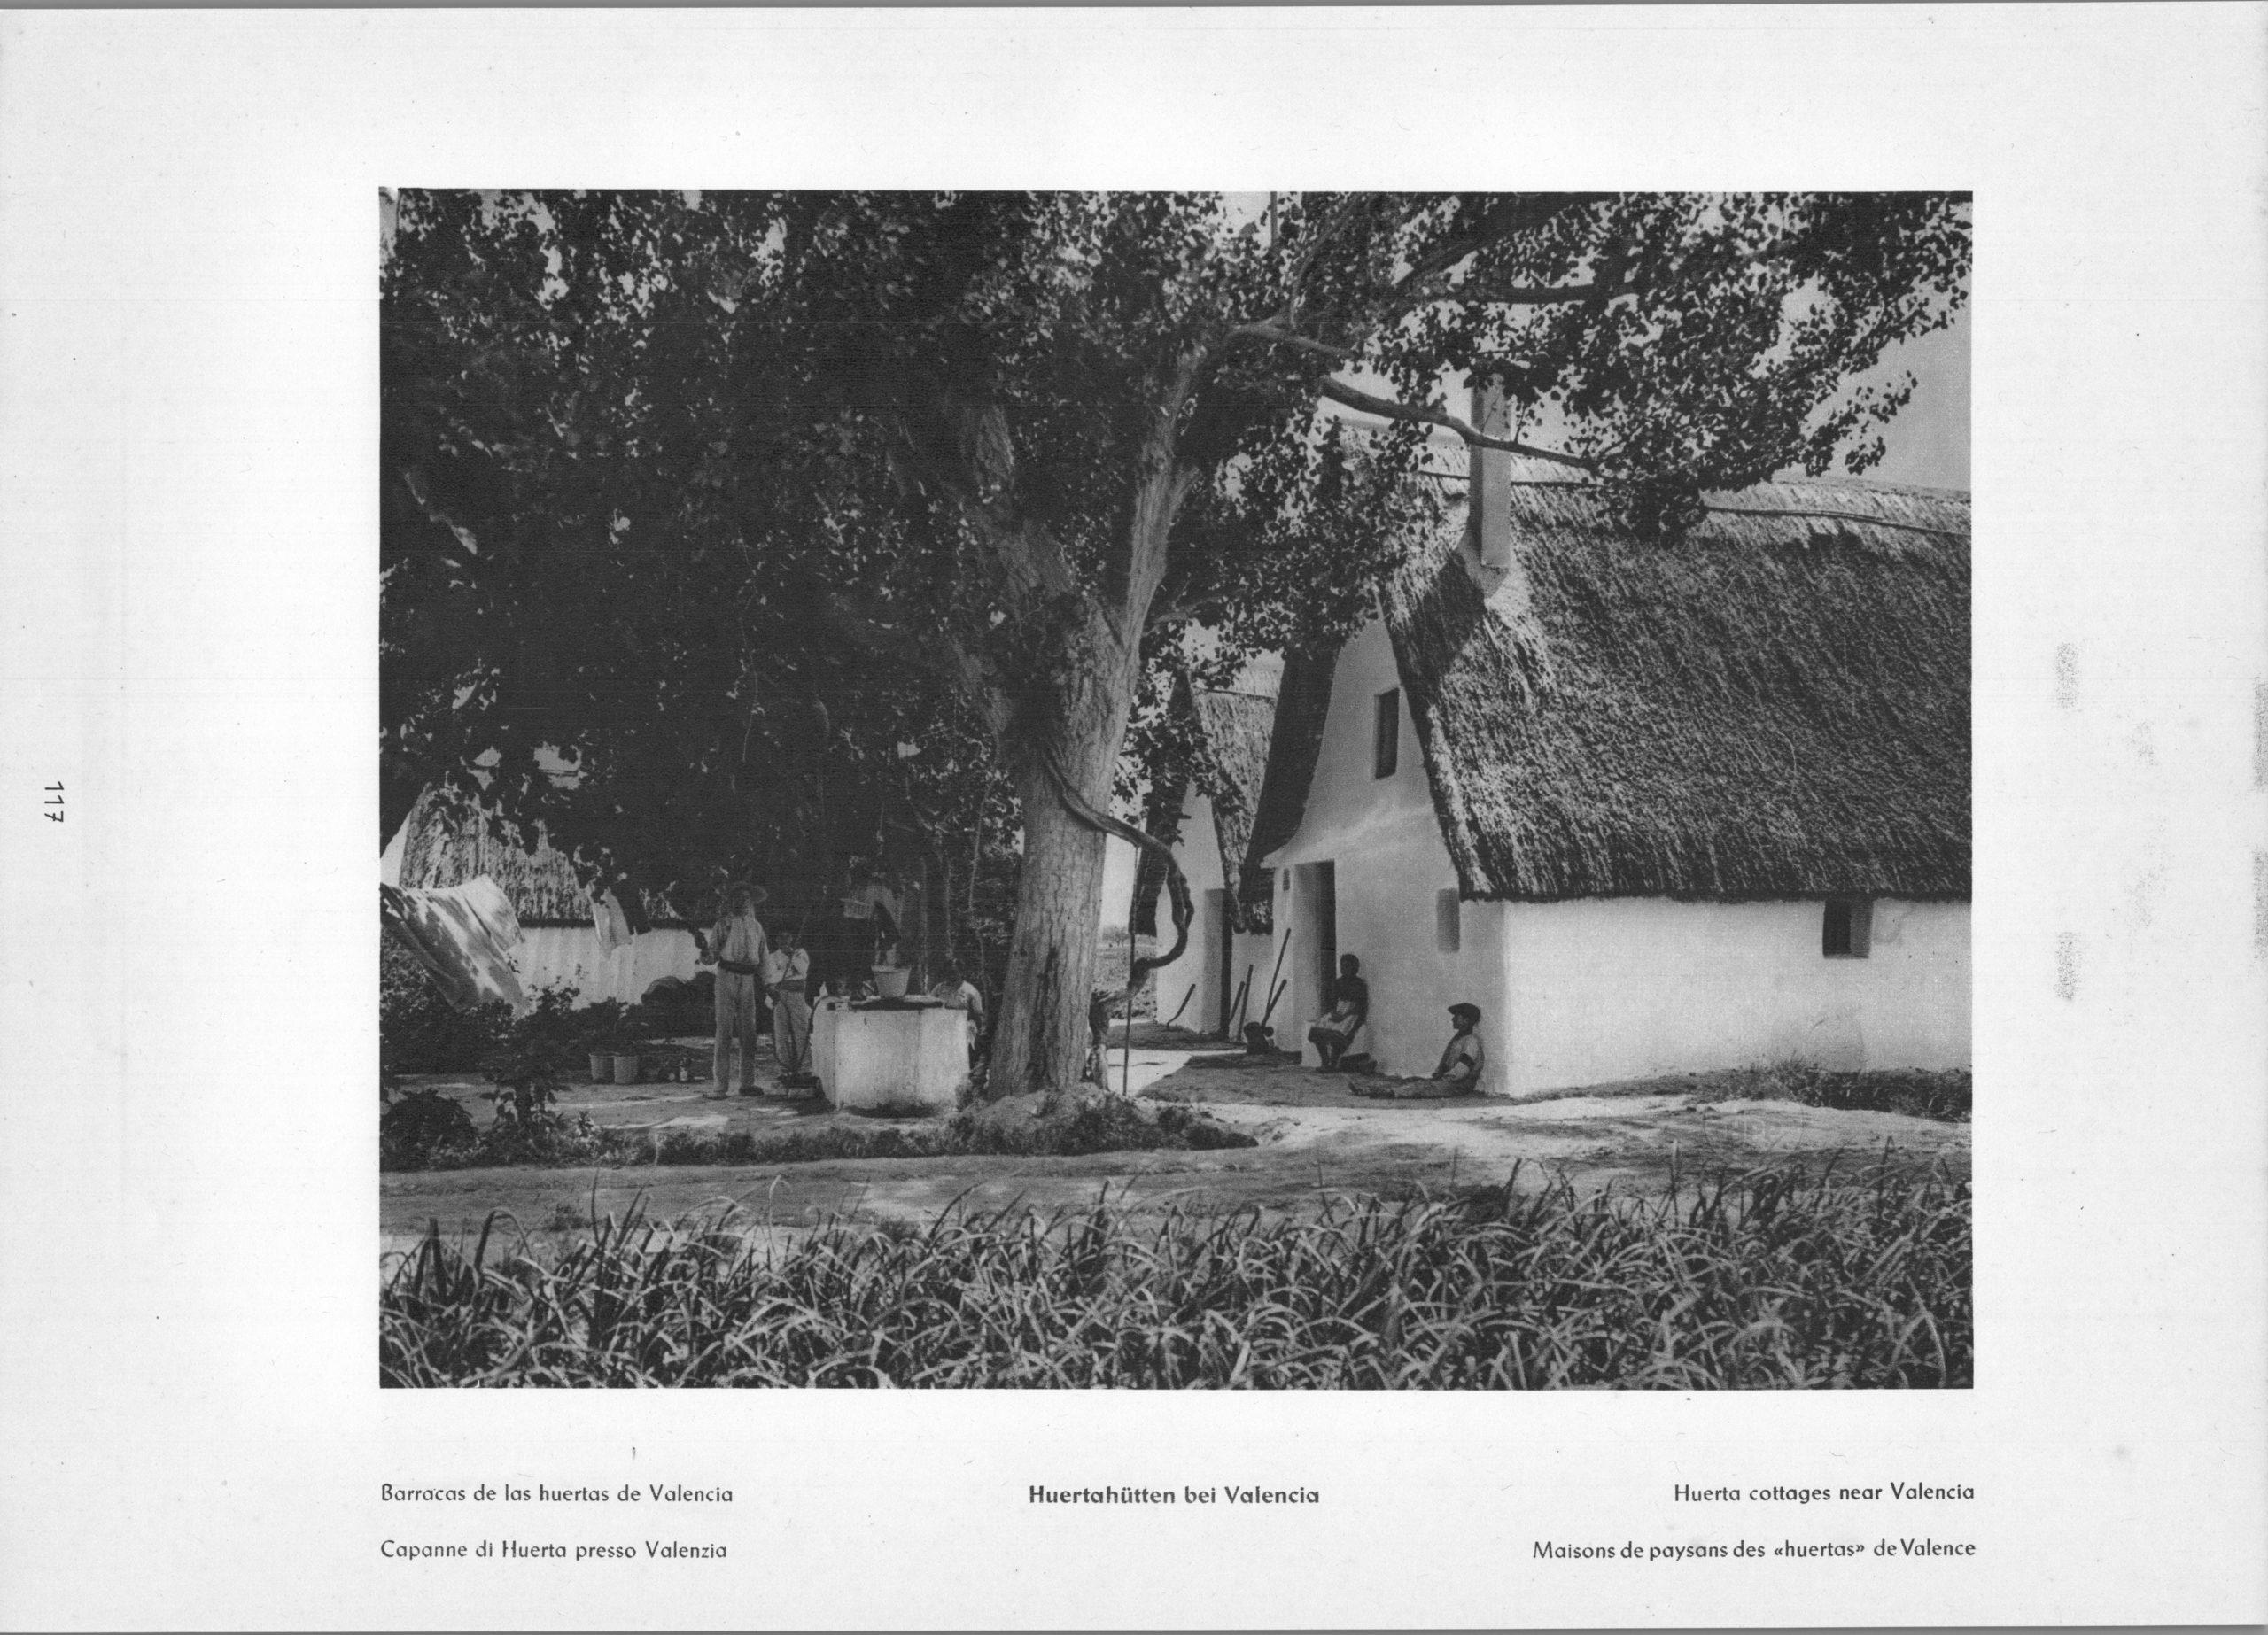 Valencia - Huerta cottages near Valencia